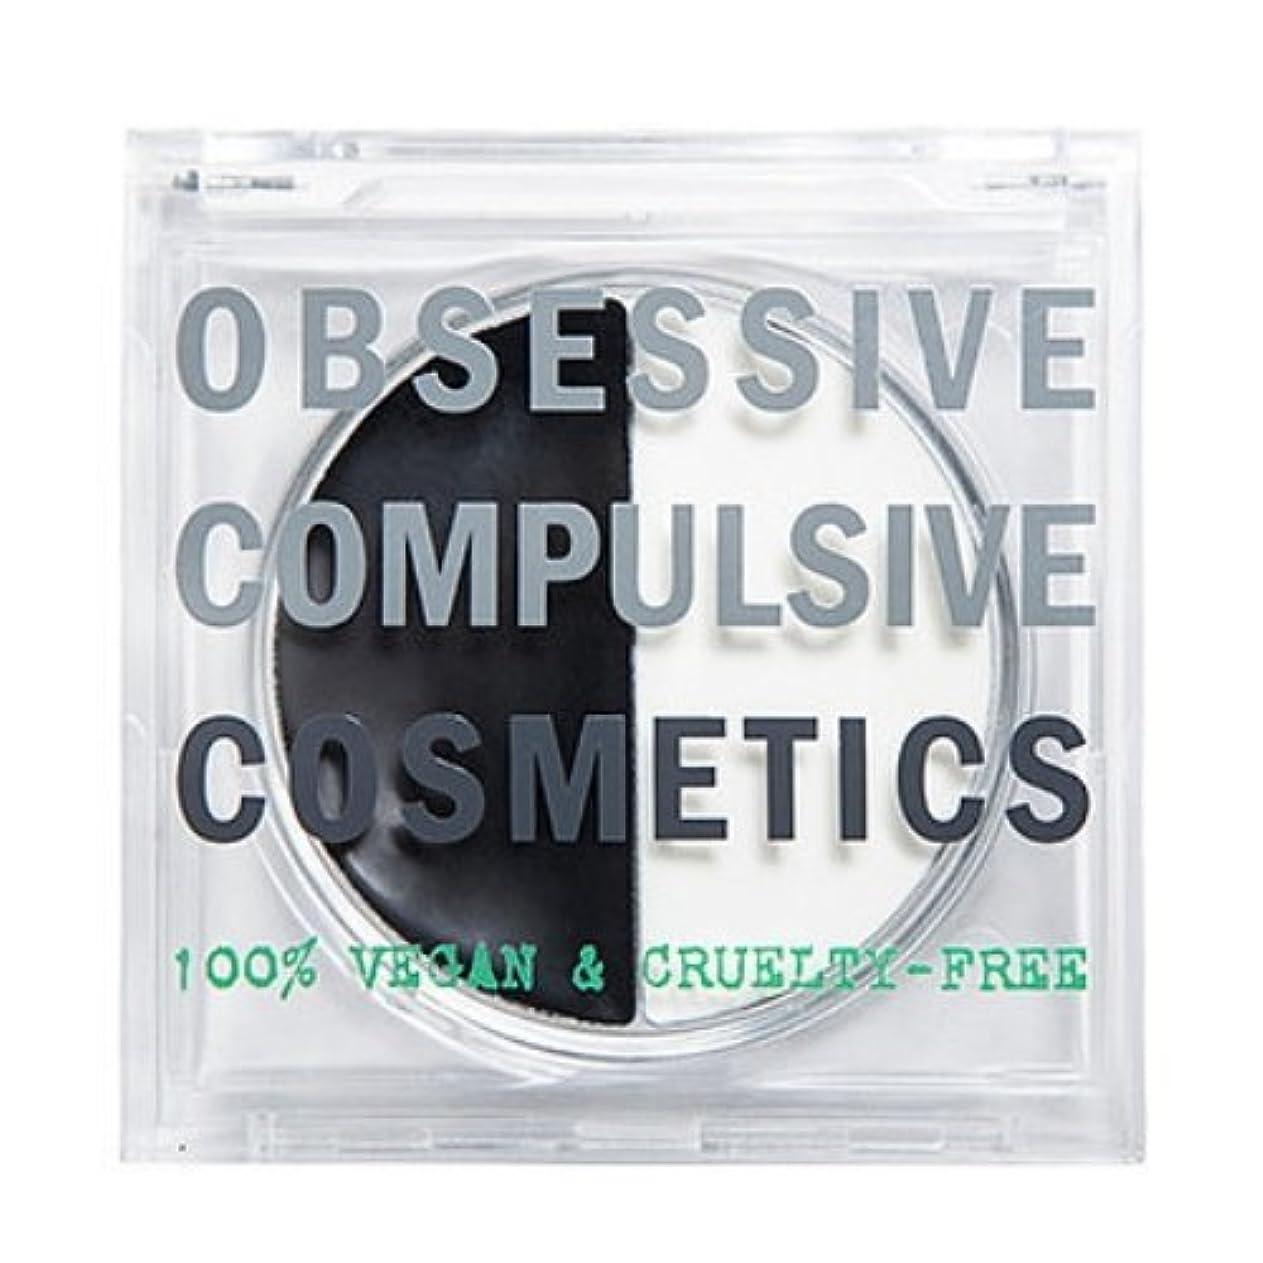 物理カウンターパートモンスターOBSESSIVE COMPULSIVE COSMETICS Tarred & Feathered Lip Balm Duo - Black & White (並行輸入品)